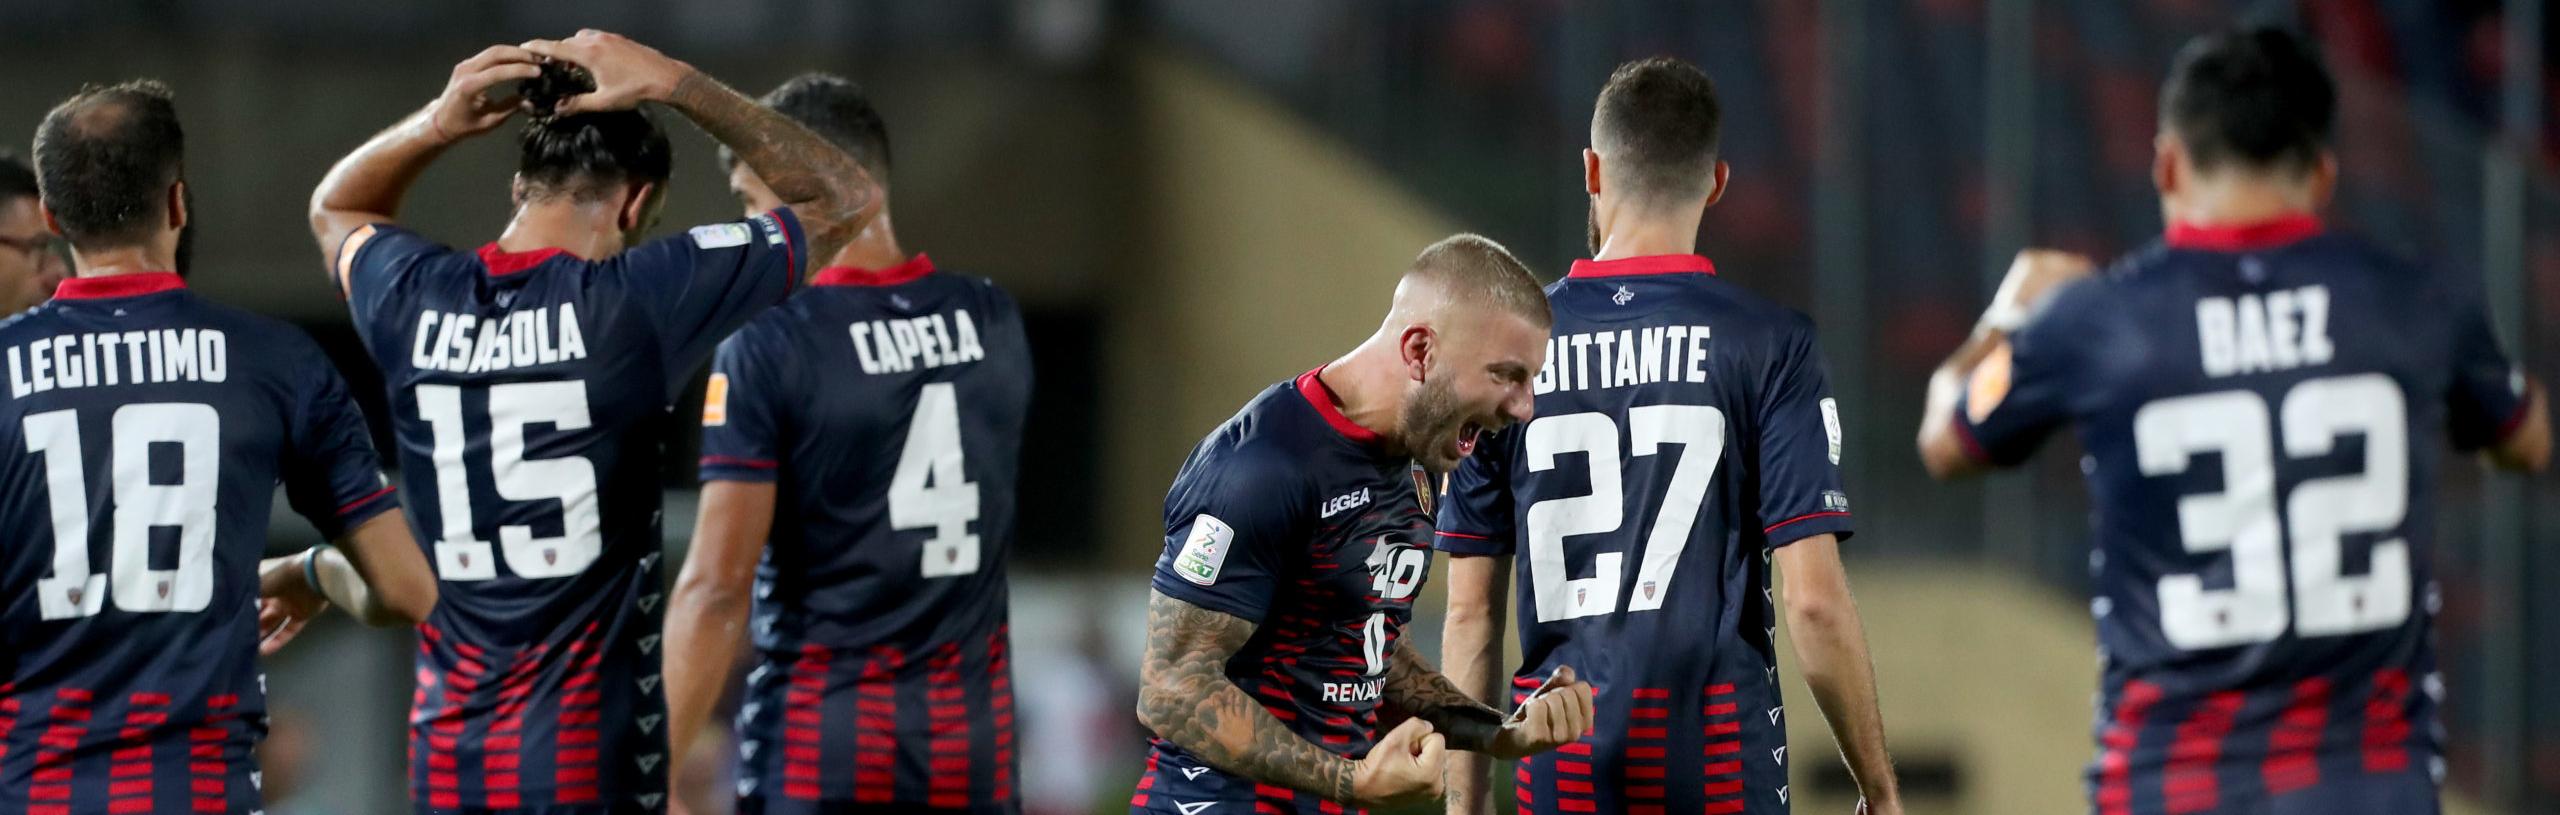 Pronostici Serie B: tre consigli per le partite dell'ultima imperdibile giornata